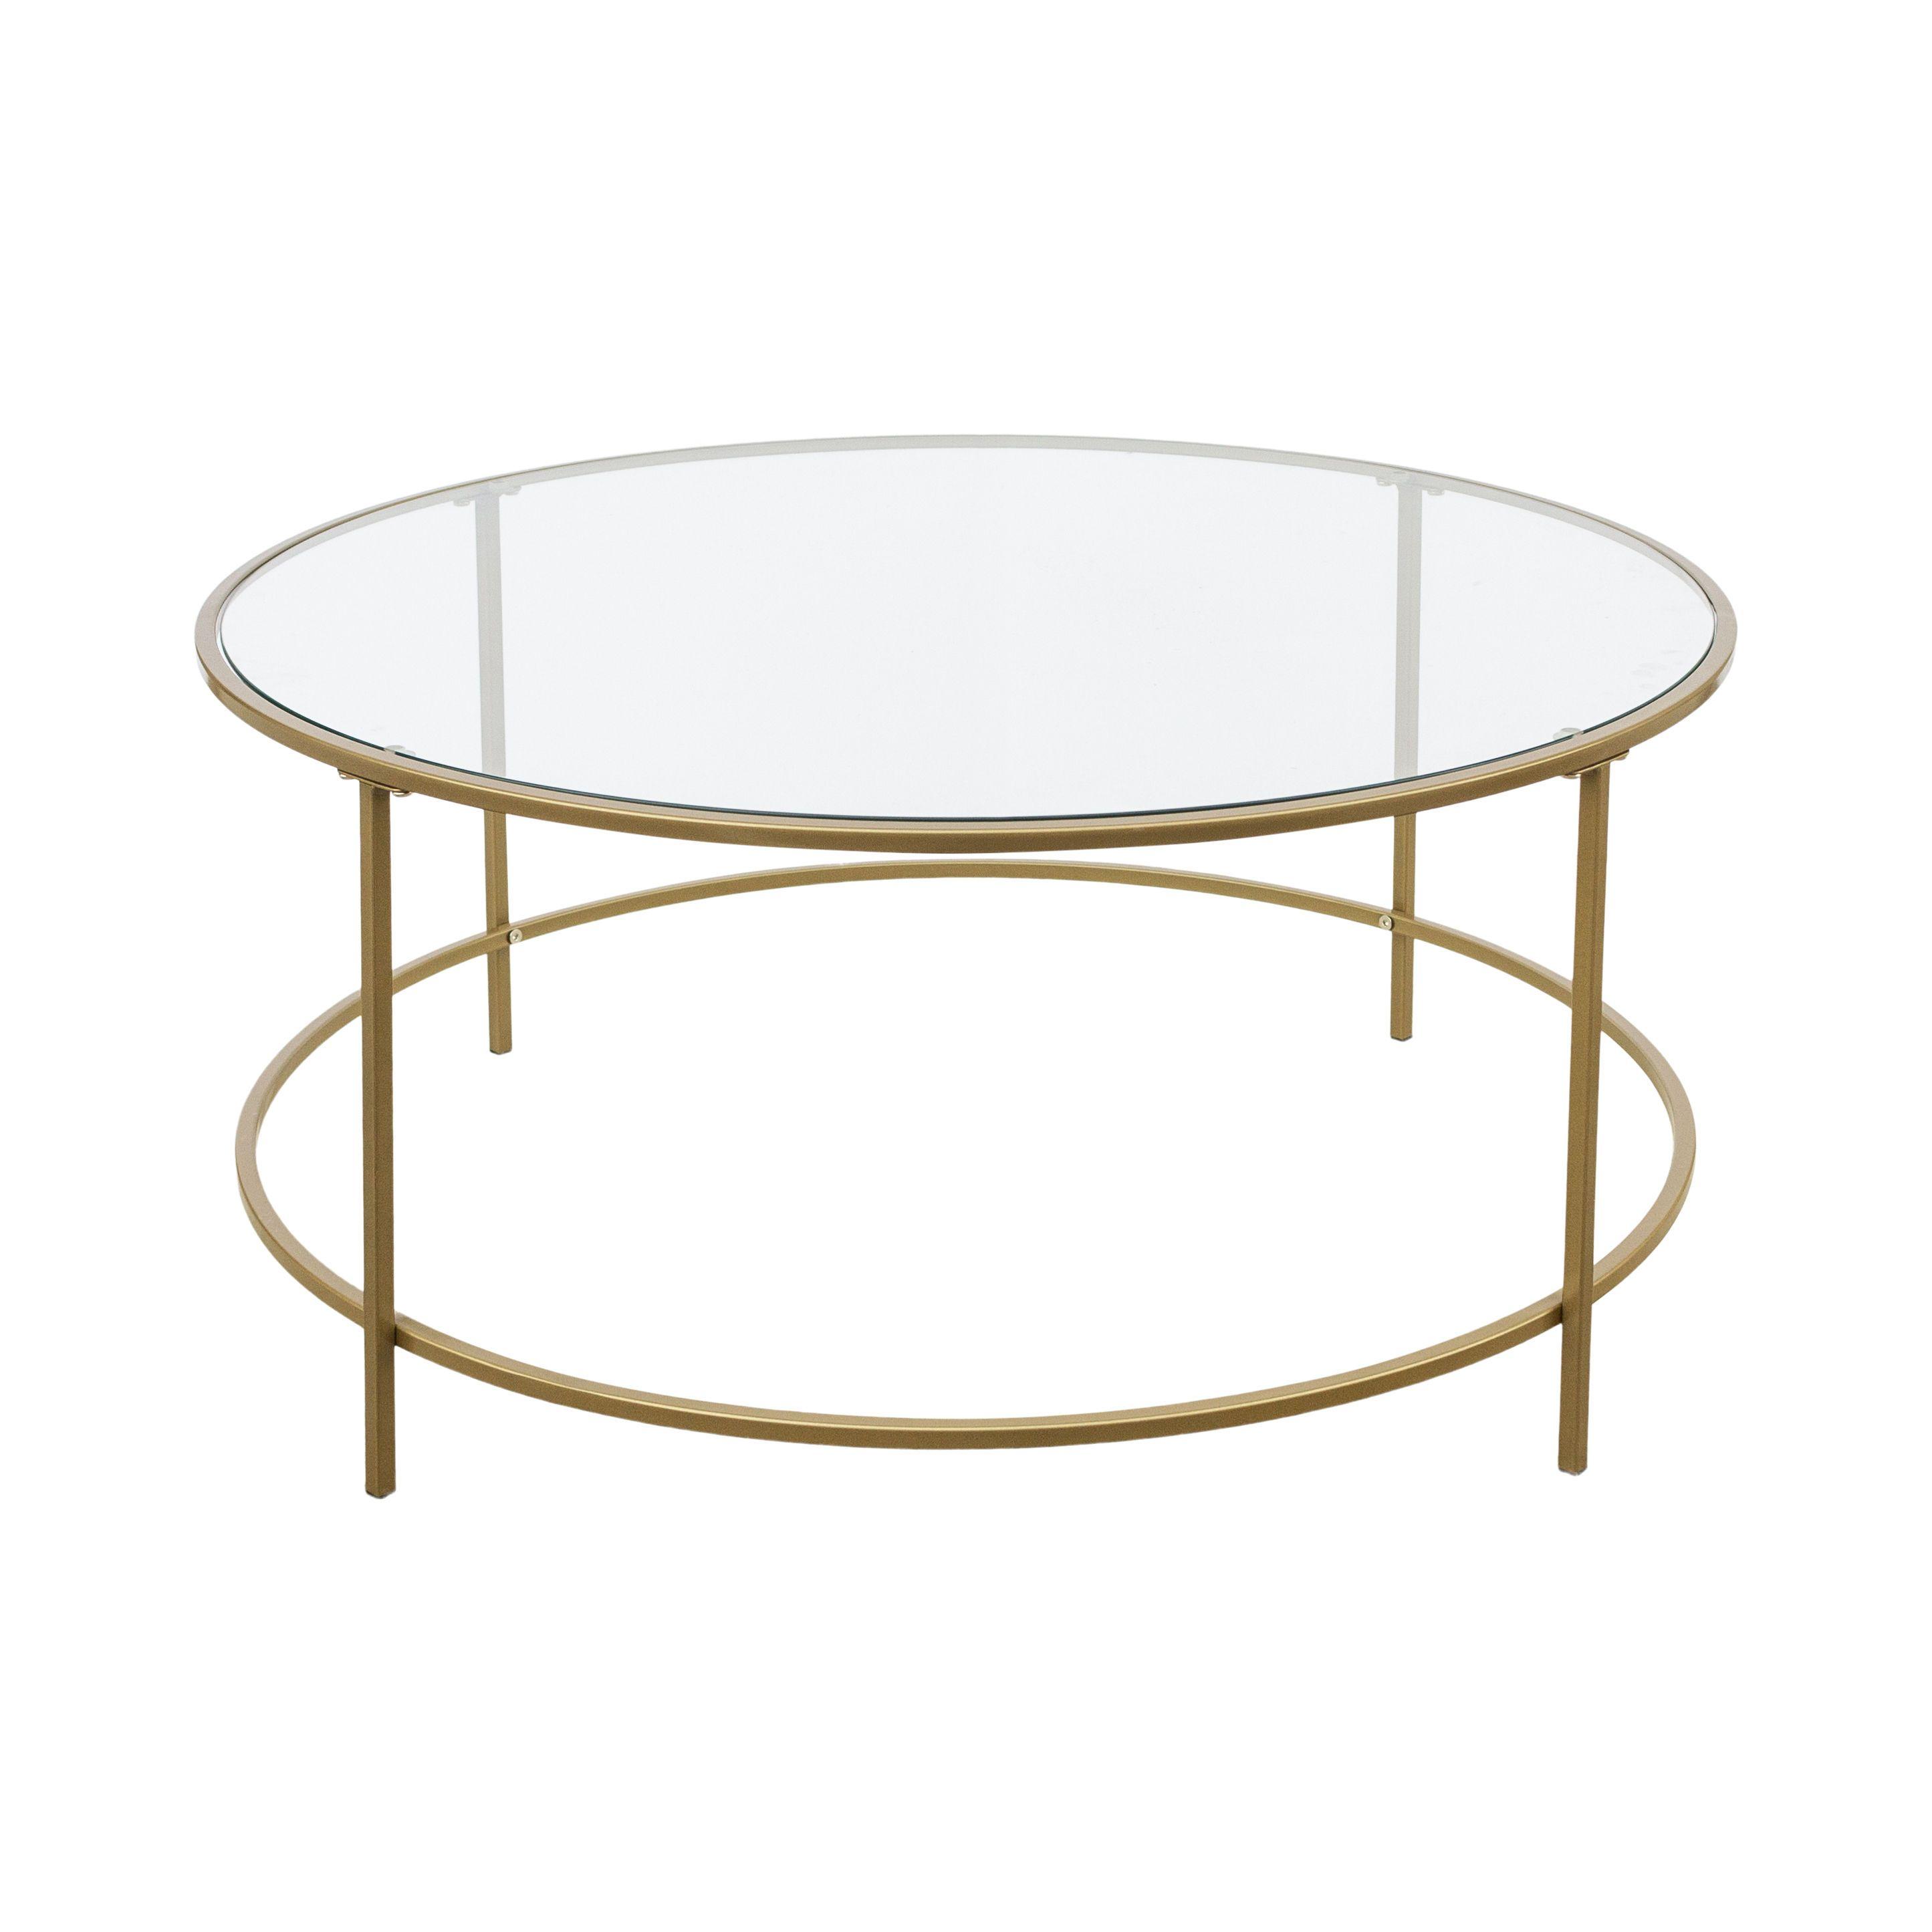 Chuma Coffee Table Birch Brass Round Glass Coffee Table Coffee Table Metal Frame Metal Coffee Table [ 2890 x 2890 Pixel ]